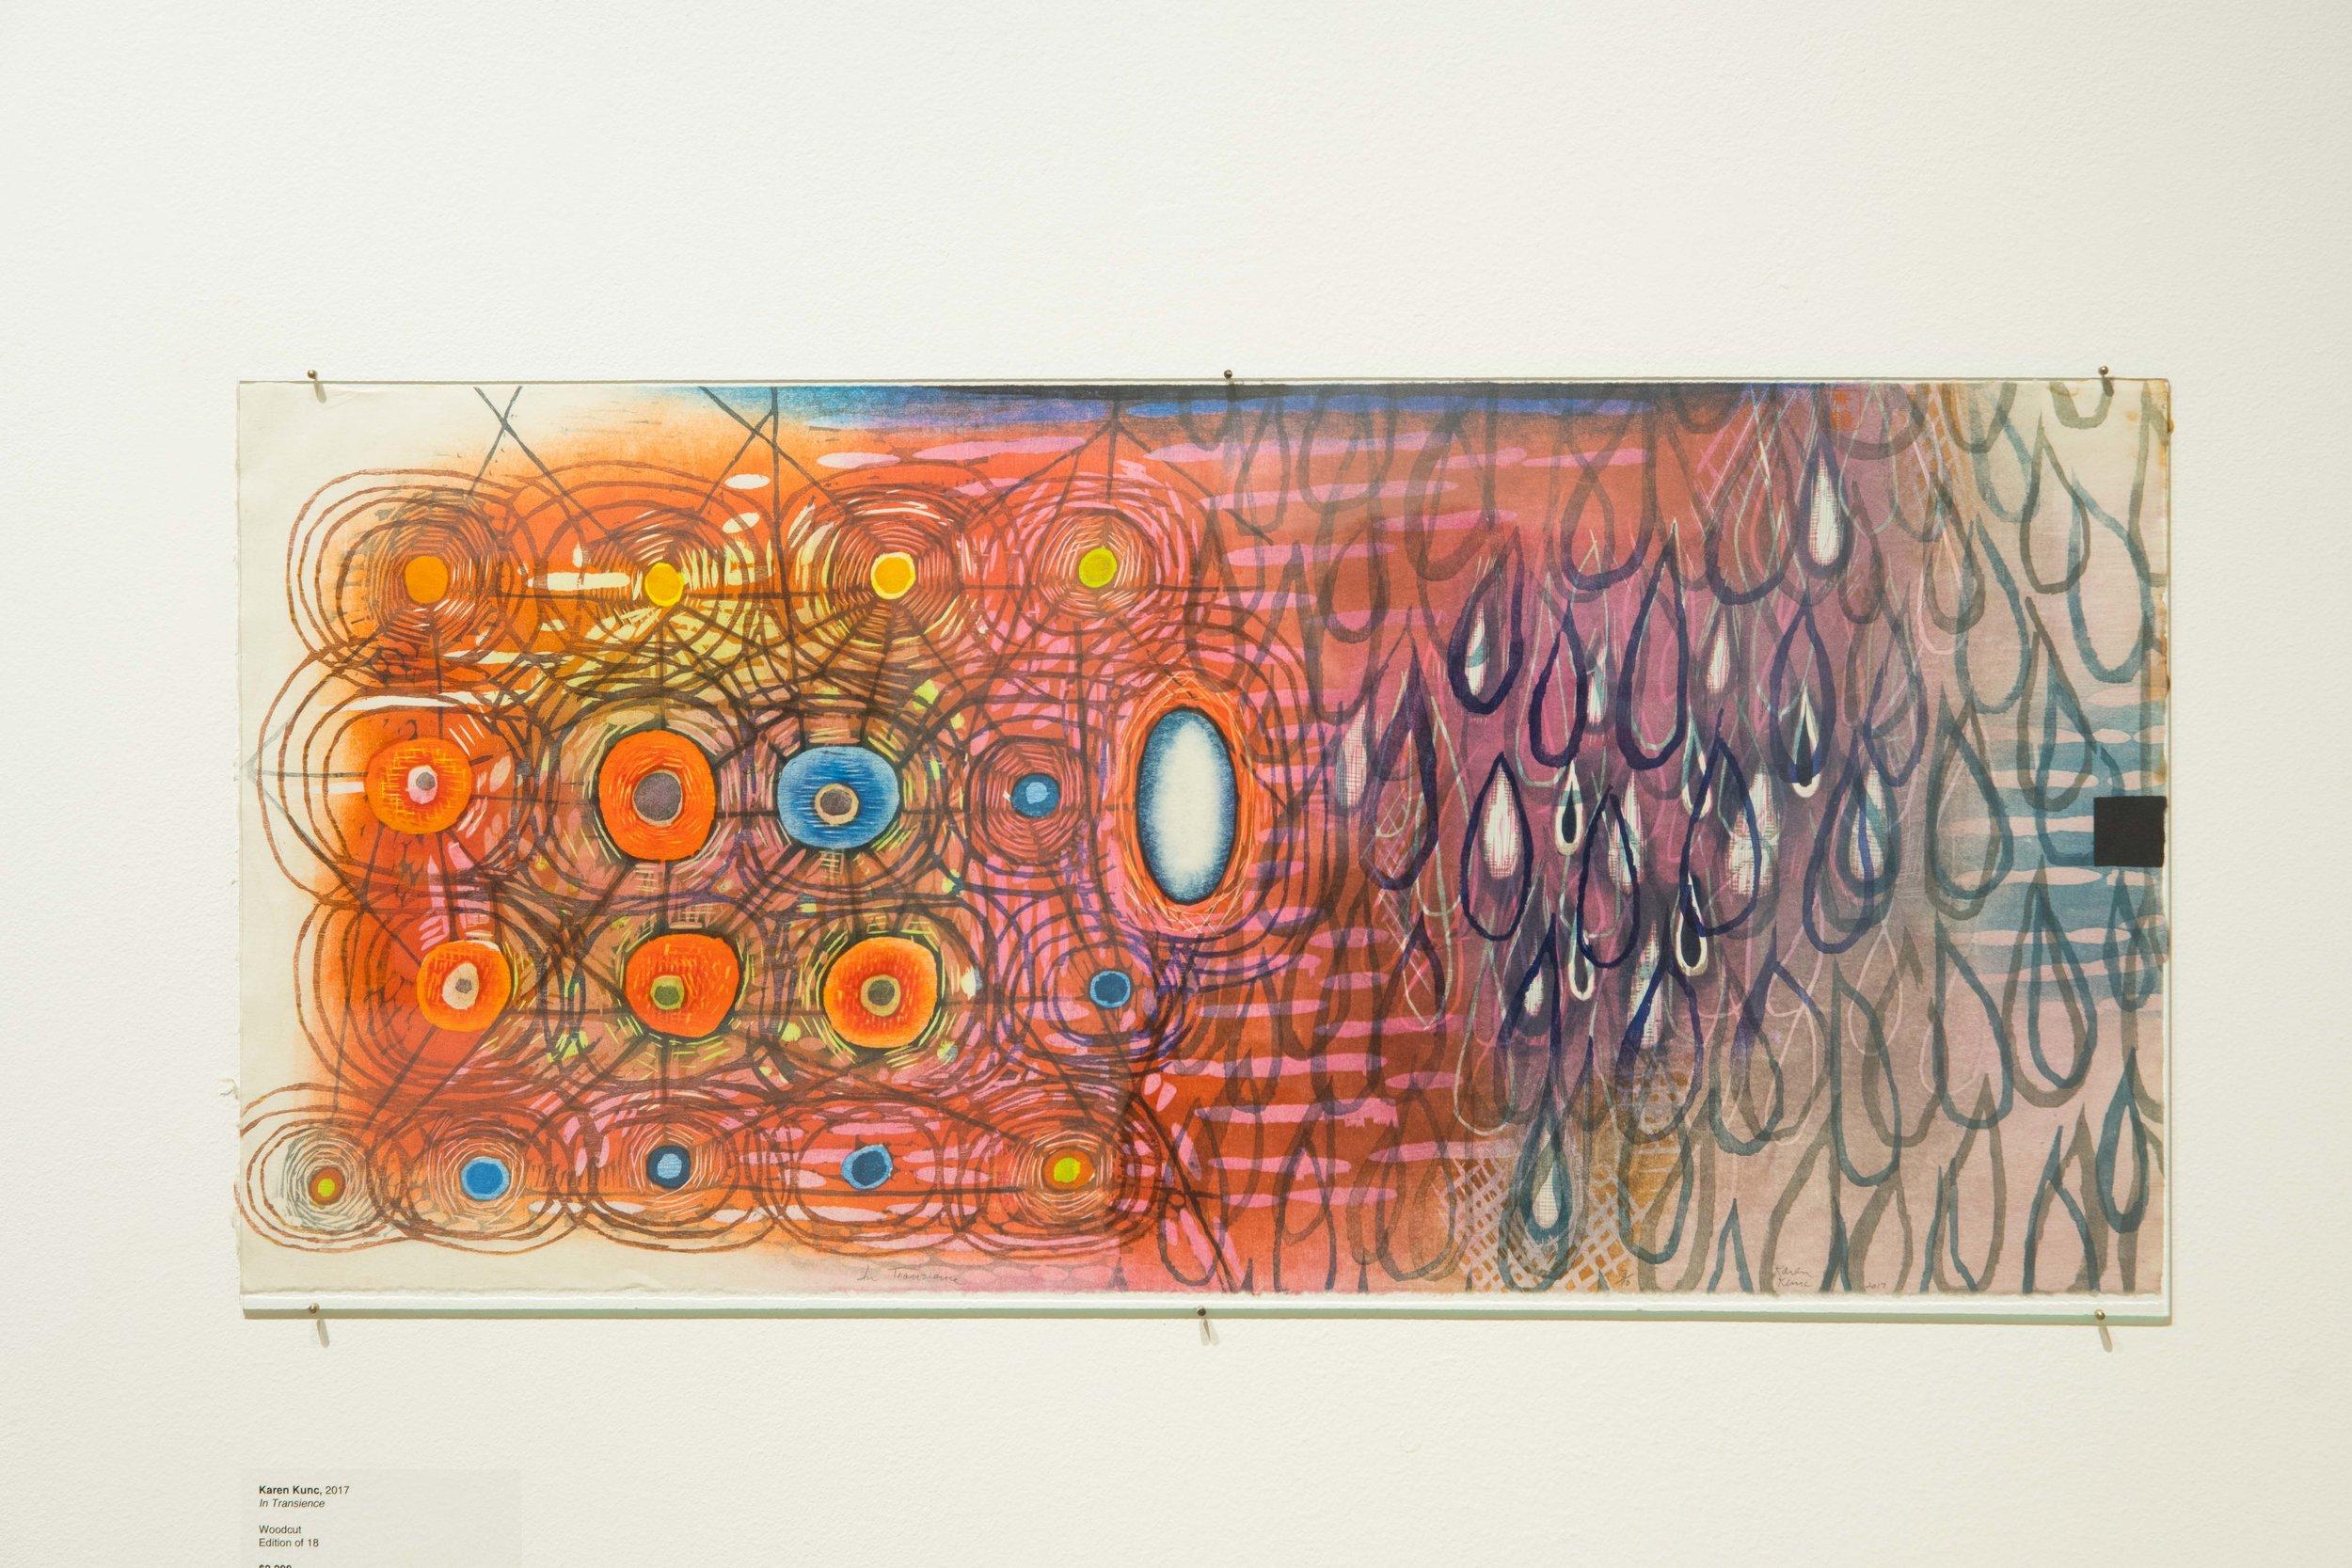 Highpoint ExhibitWeather by Karen Kunc190815a0083.JPG